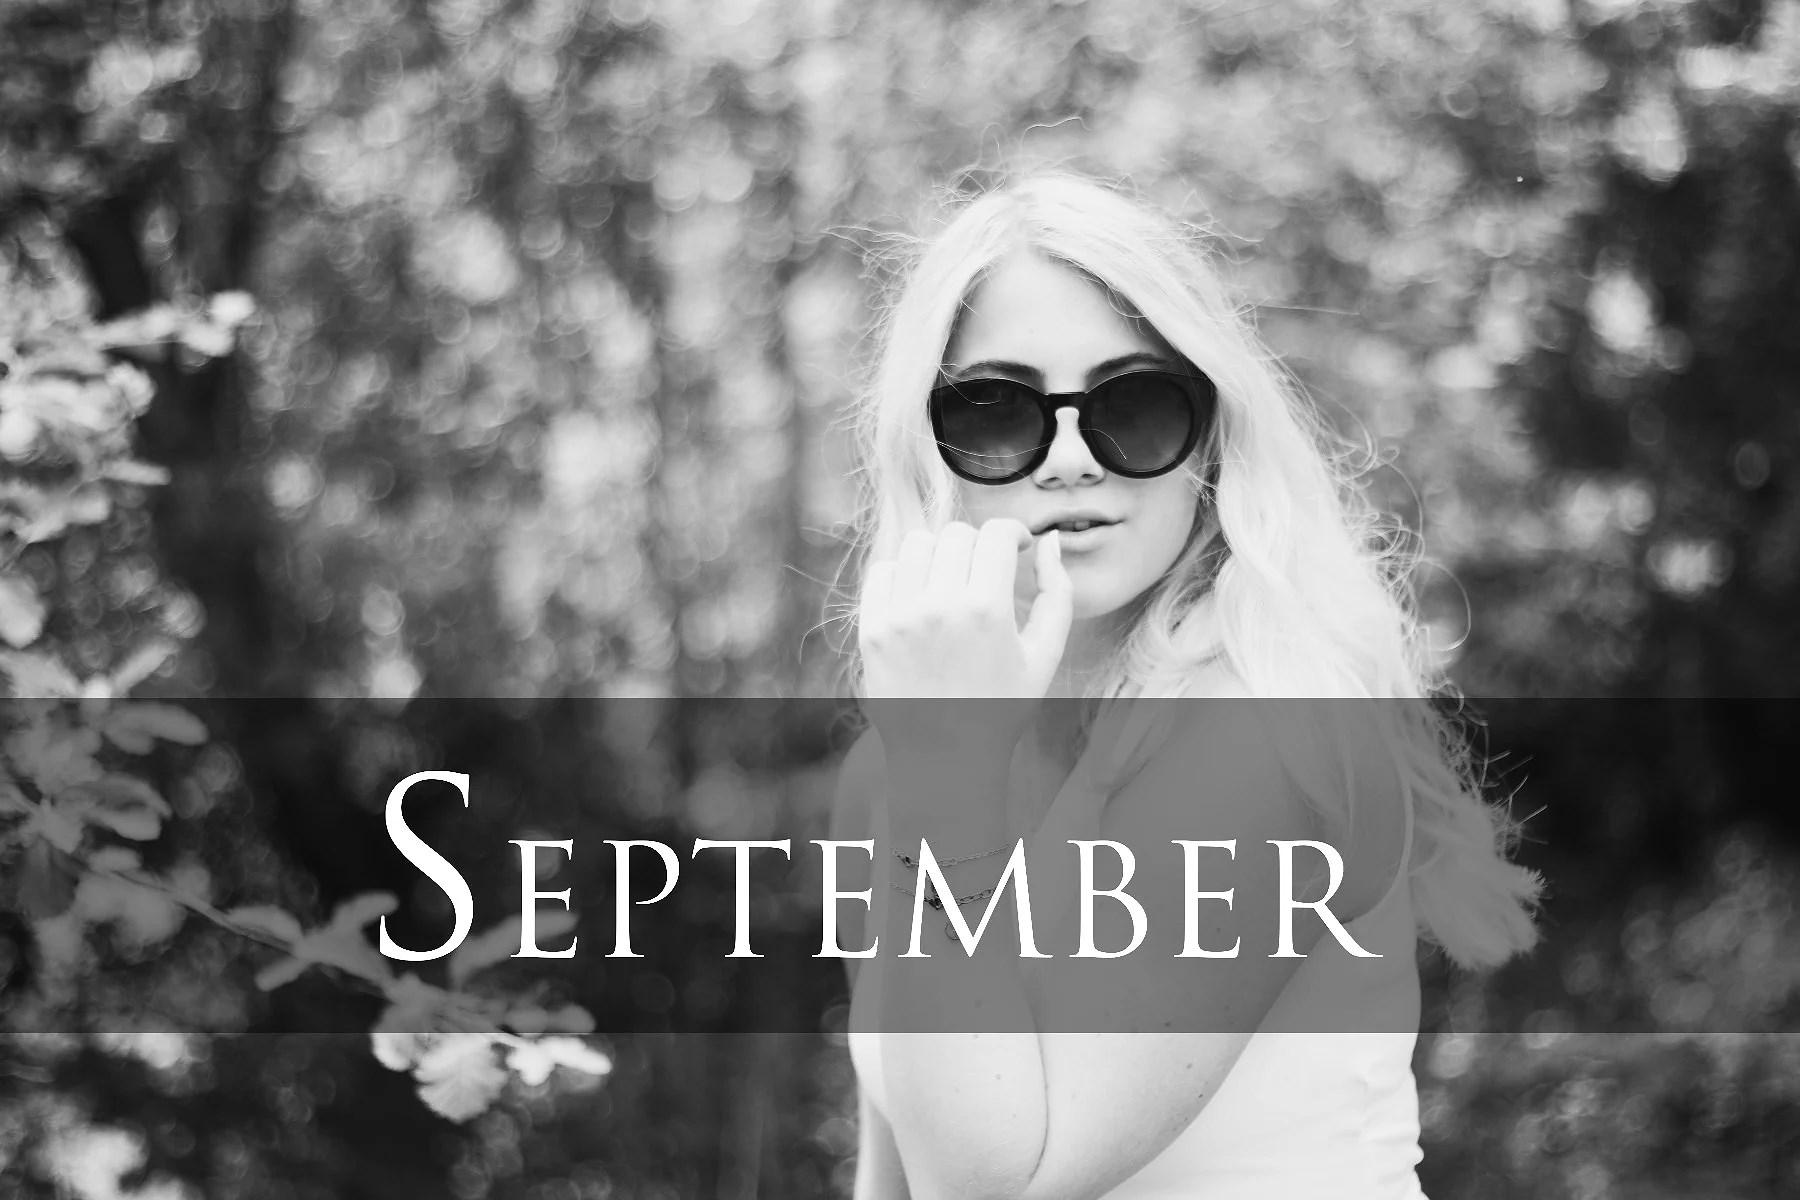 Första september